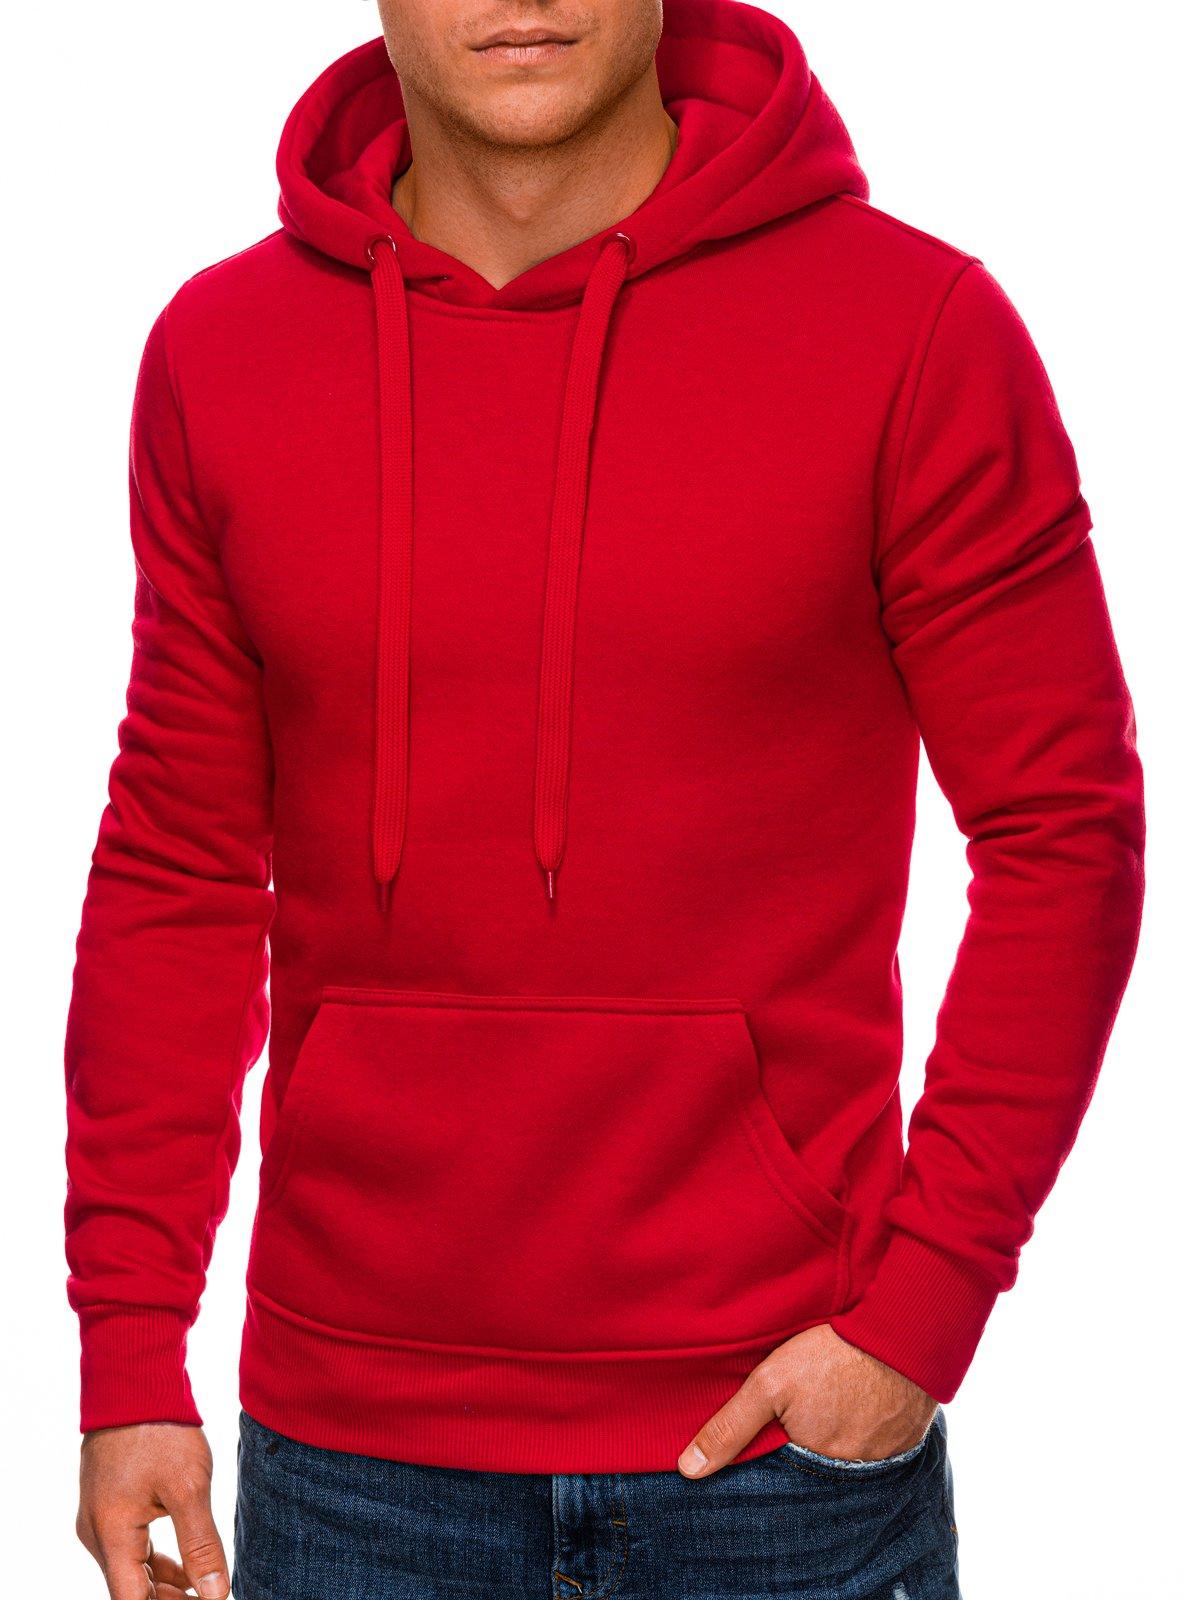 Bluza męska z kapturem 873B czerwona